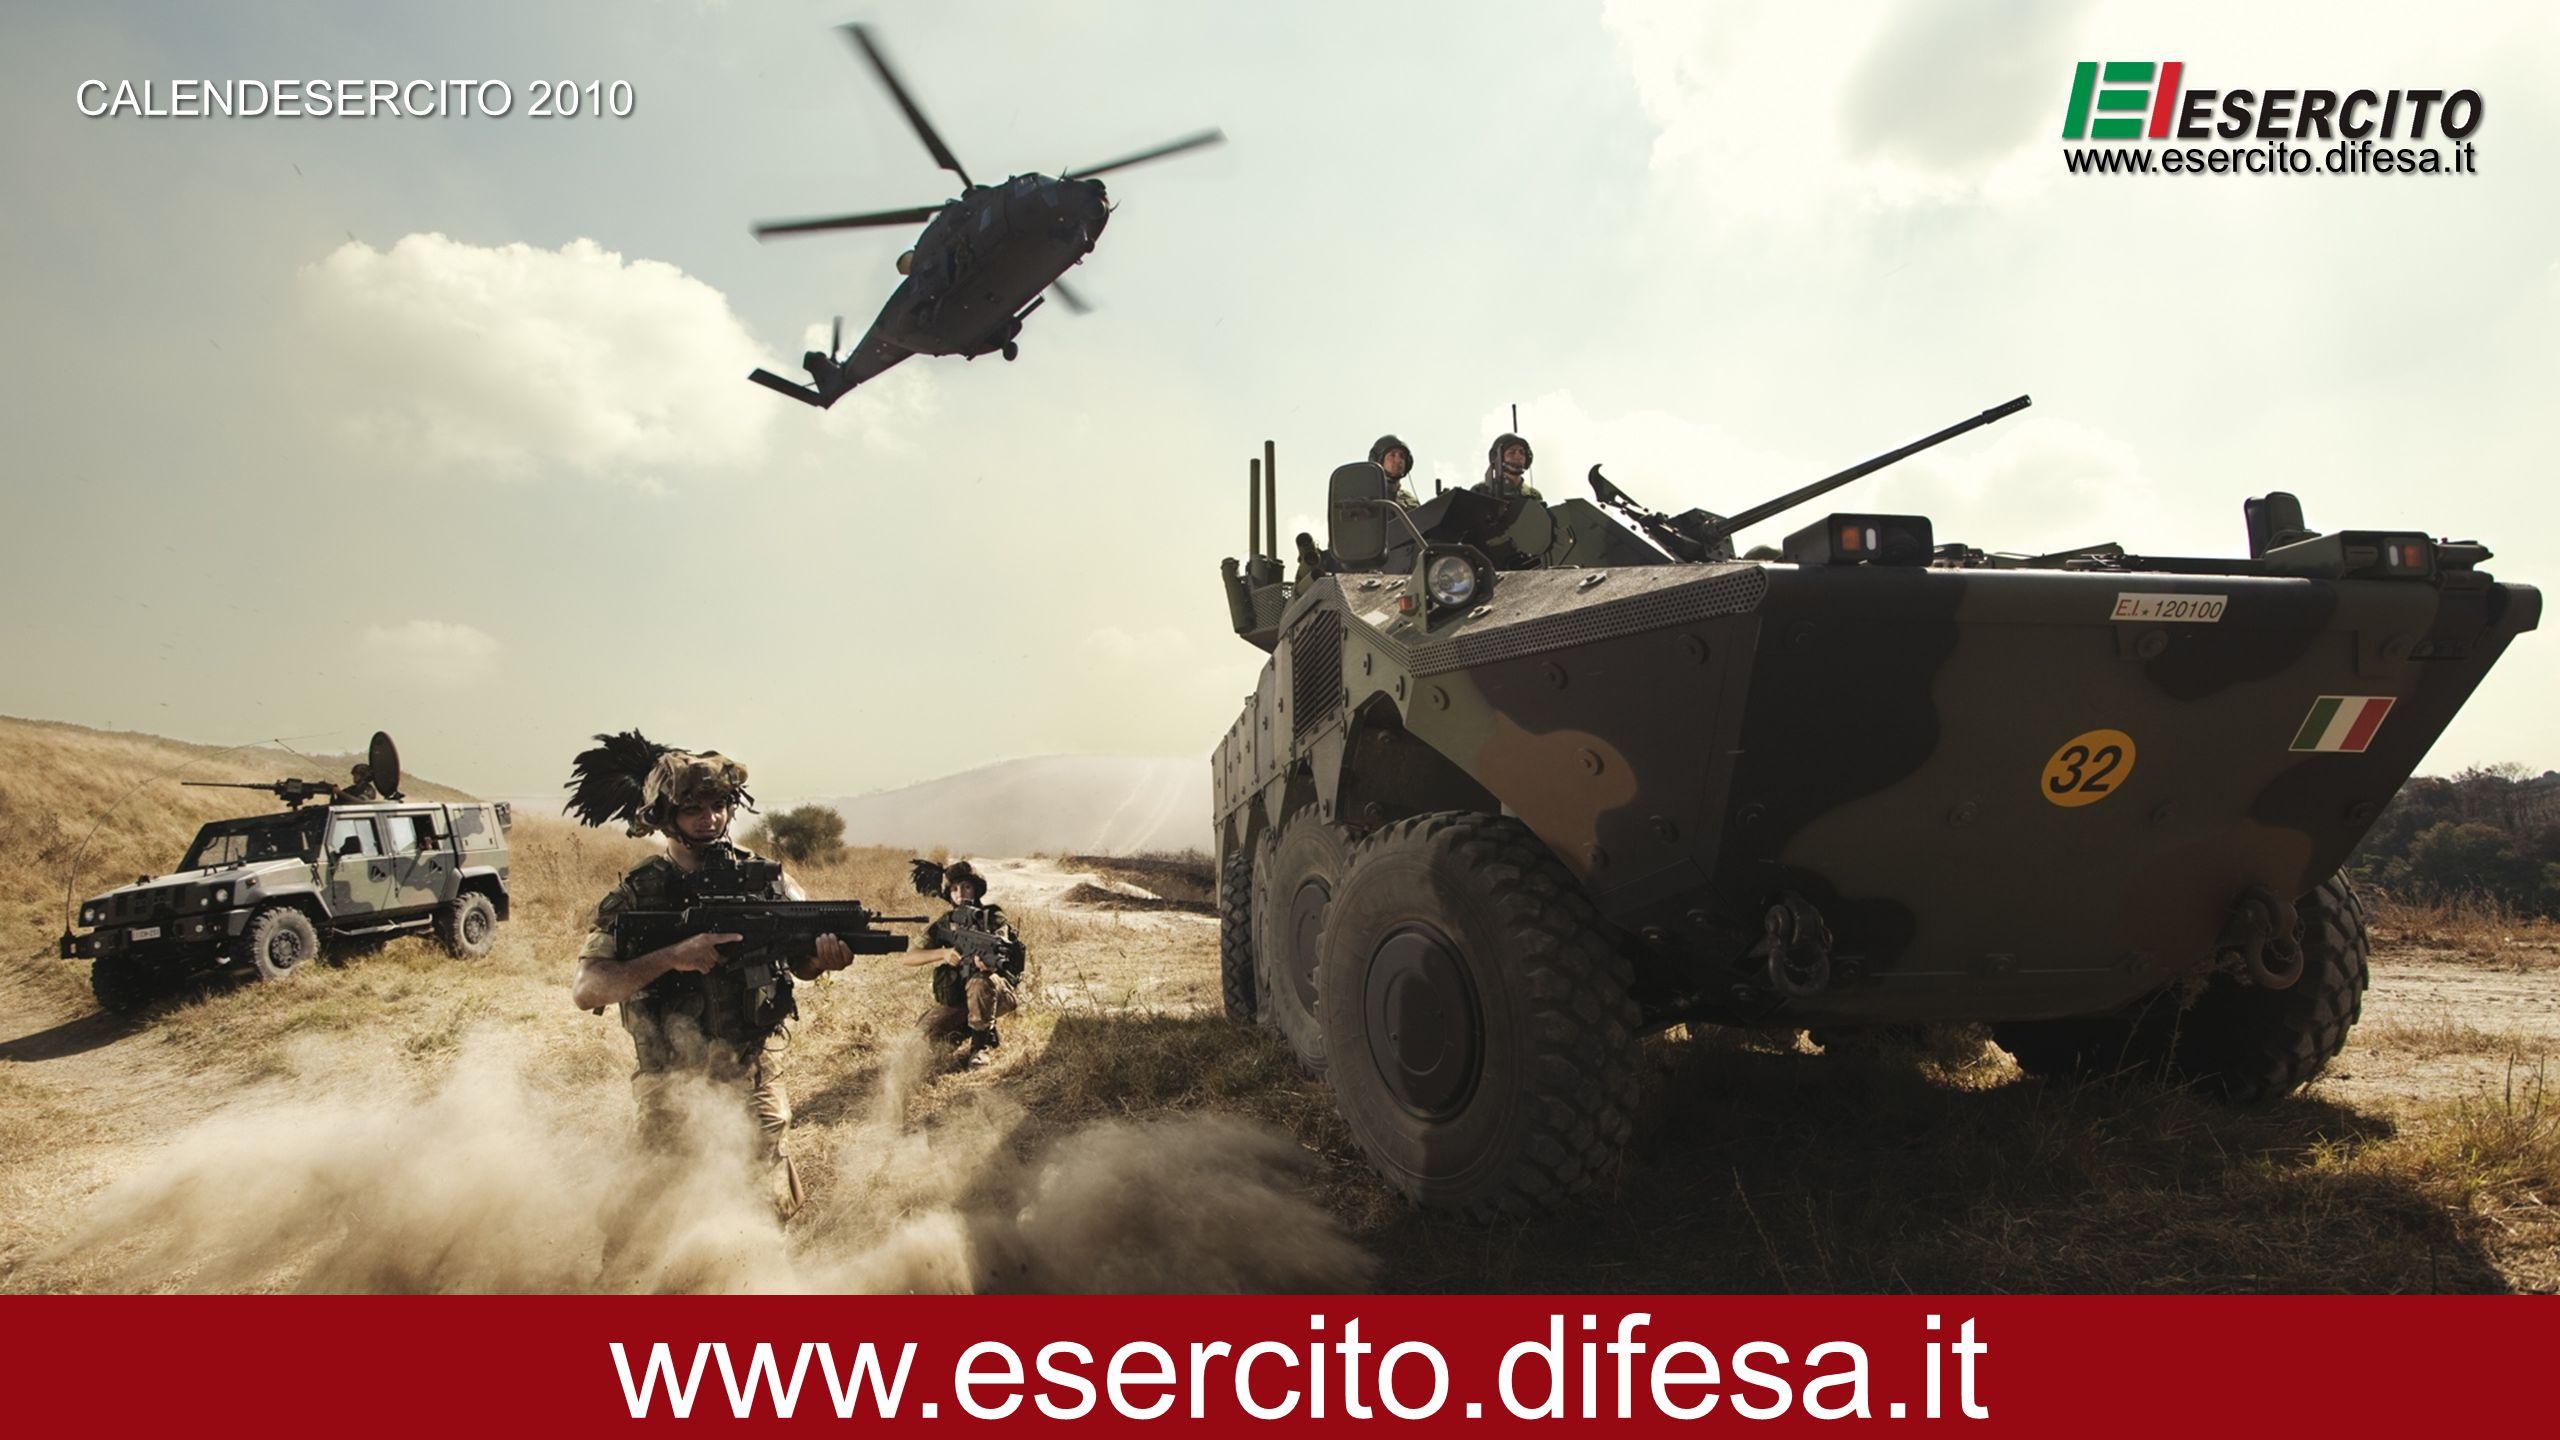 CALENDESERCITO 2010 www.esercito.difesa.it